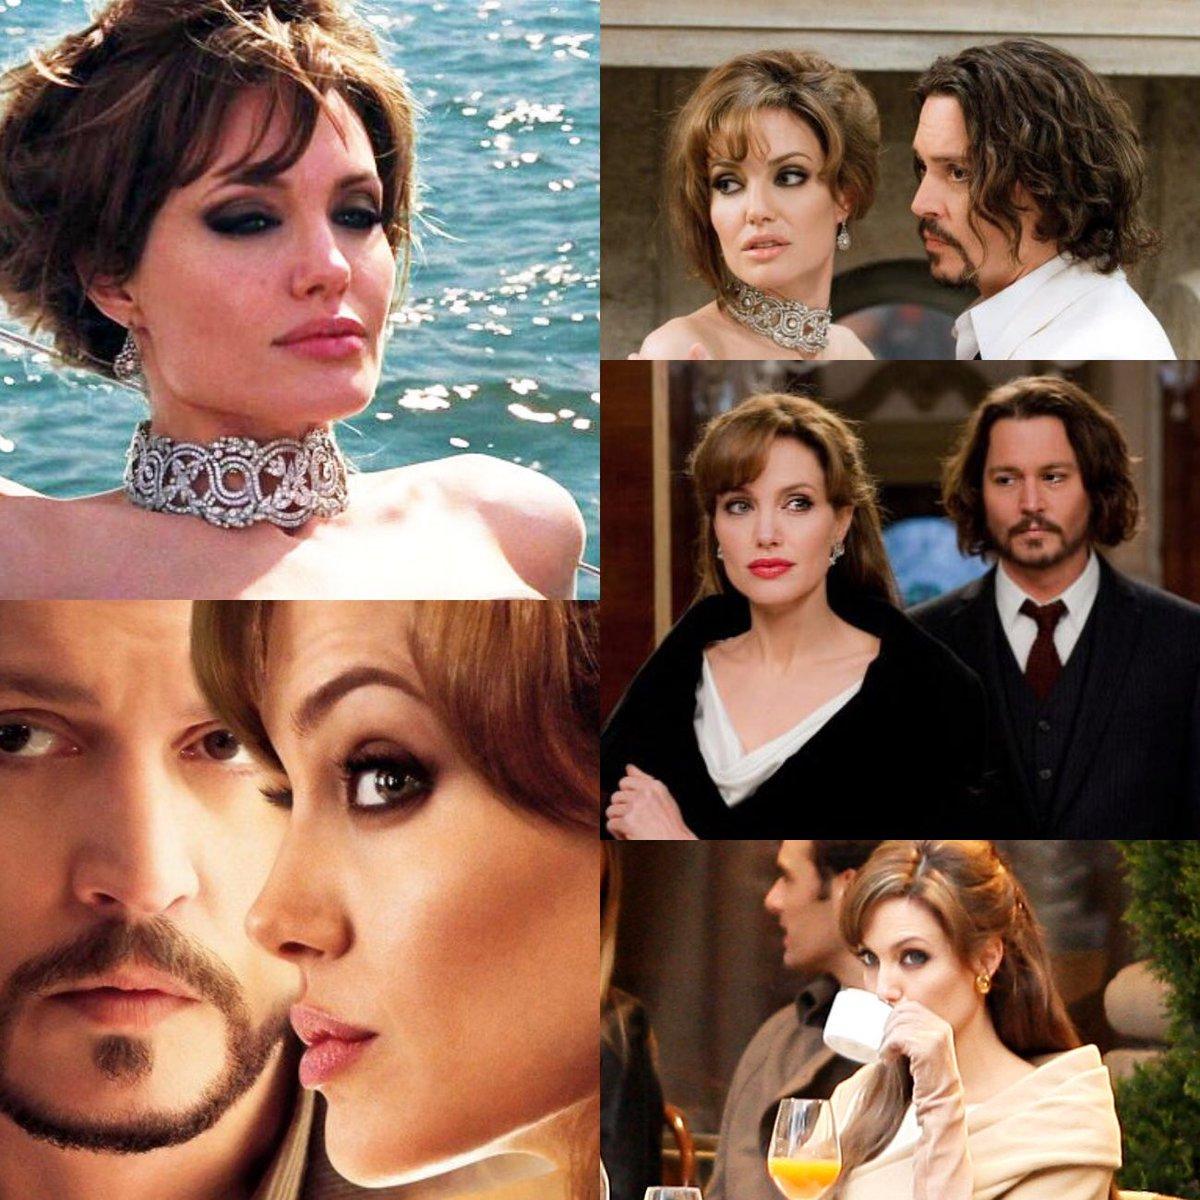 El Turista Con Angelina Jolie Y Johnny Depp Esta Noche En Cinesonh 10pm Col Per 24hs Arg Chl Canal Sony La Scoopnest